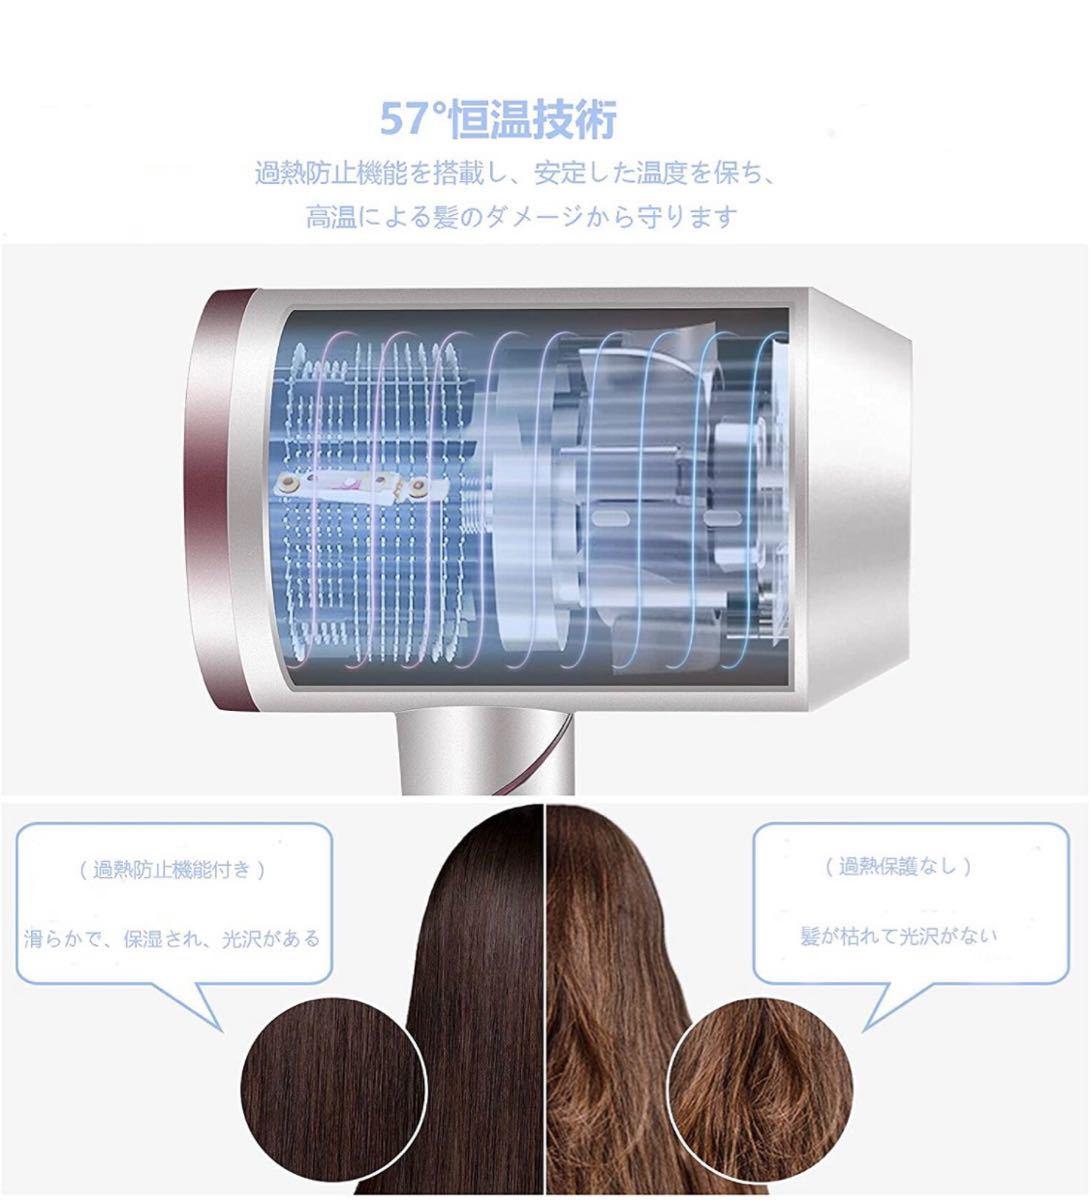 ヘアドライヤー 恒温&イオン技術 3段階風速低騒音 温度過昇防止